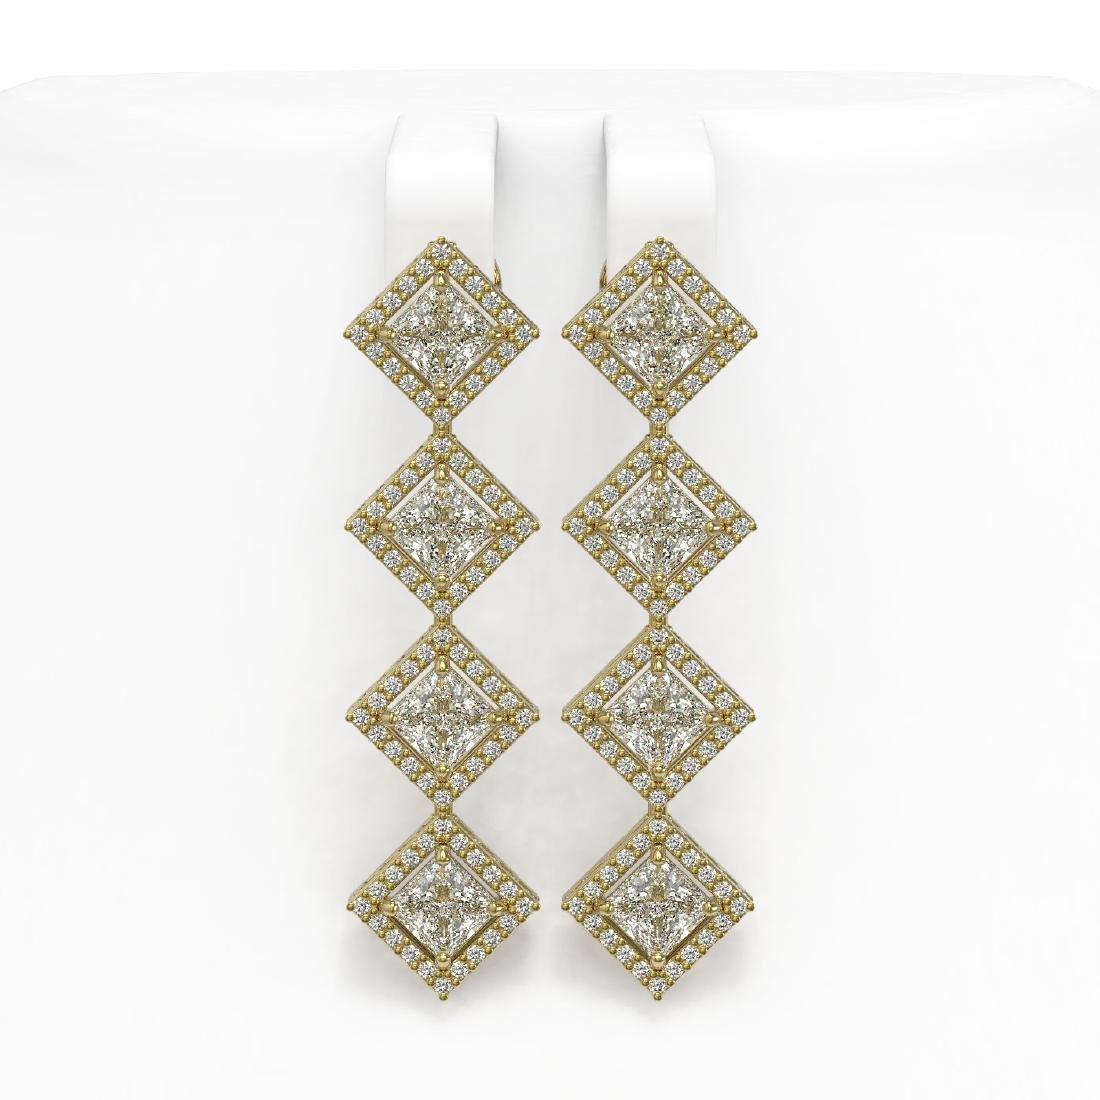 5.92 CTW Princess Cut Diamond Designer Earrings 18K